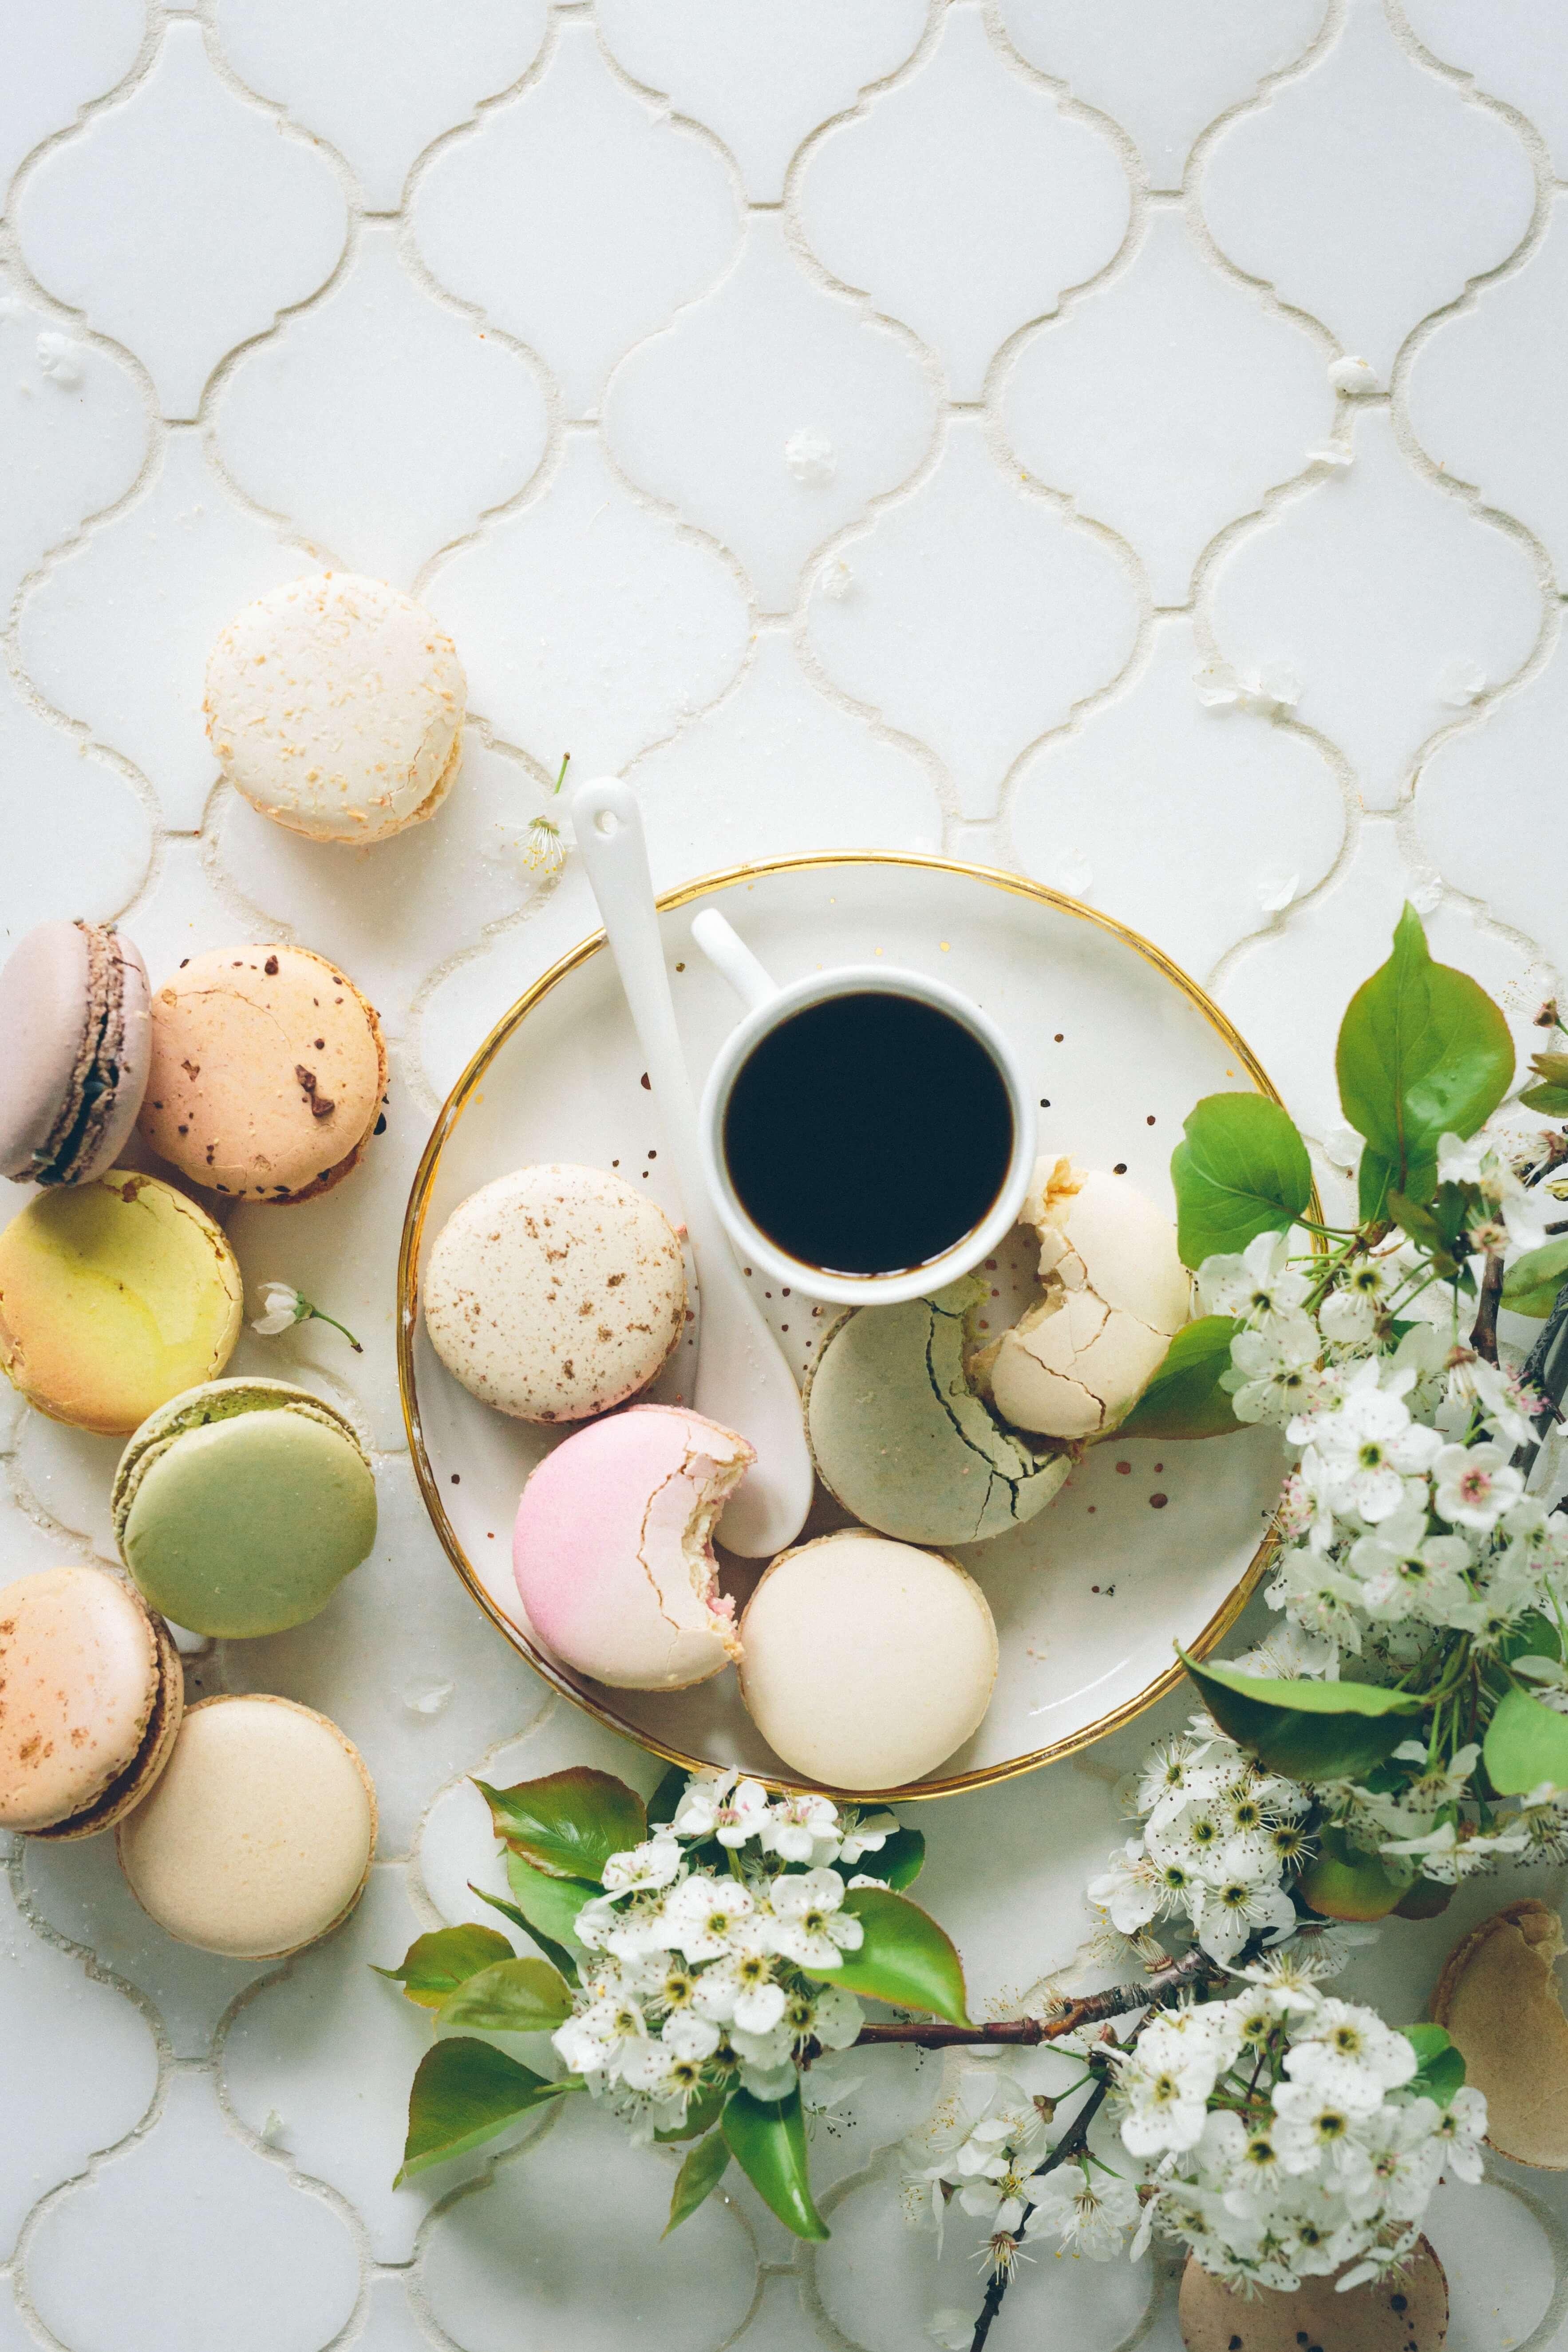 Shabby Chic Macarons in Pastellfarben auf Porzellan